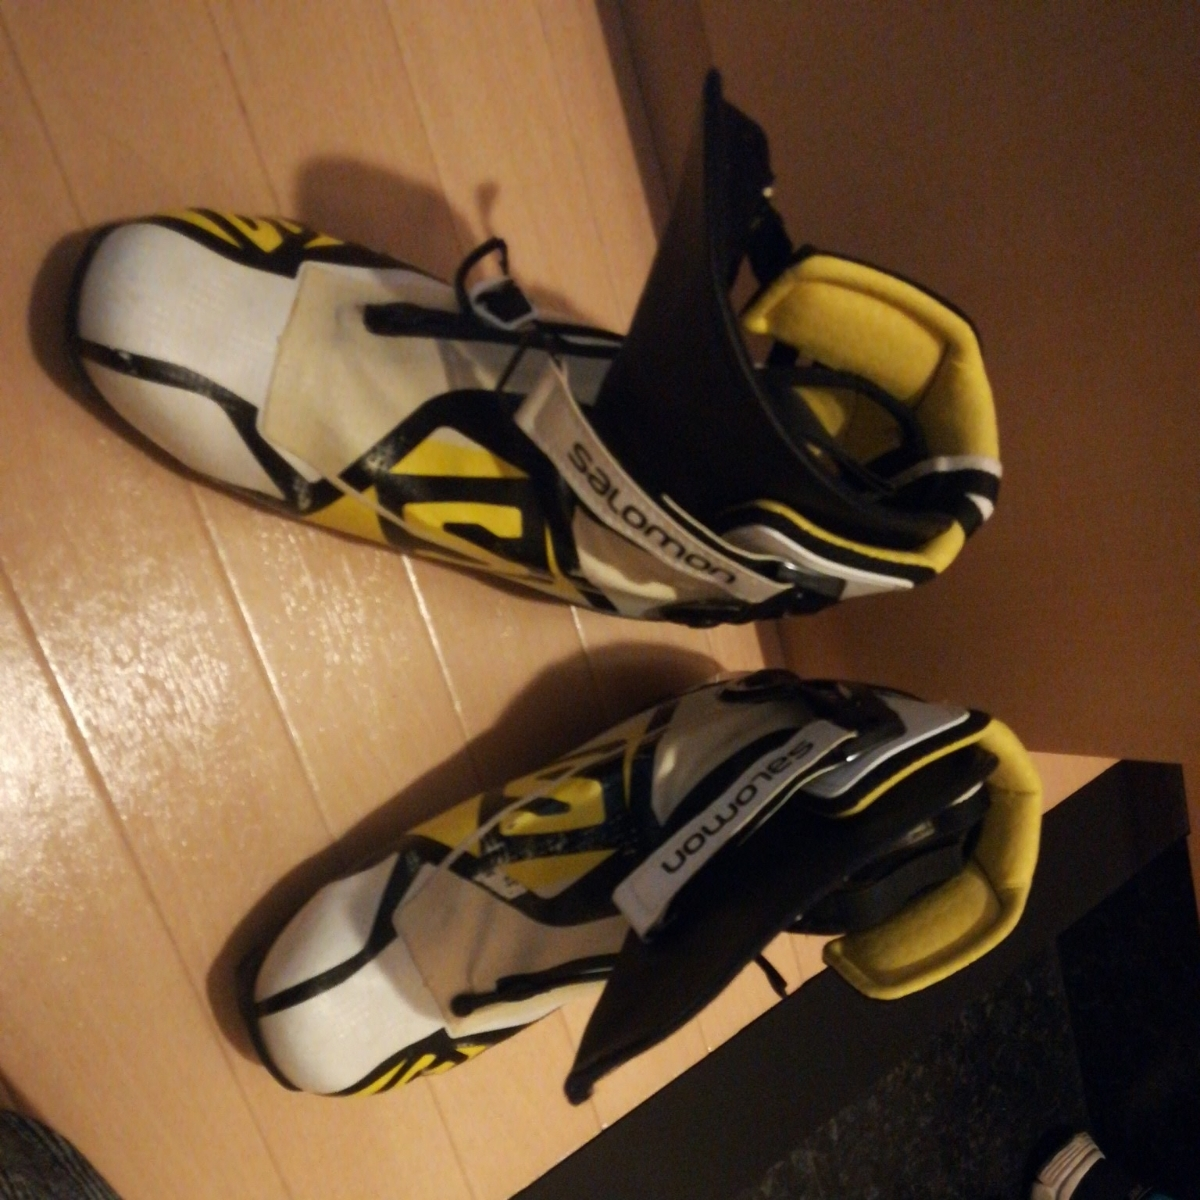 クロスカントリースキー OGASAKA c2 sk2 SALOMON のブーツつき 身長170~180センチの人用_画像4